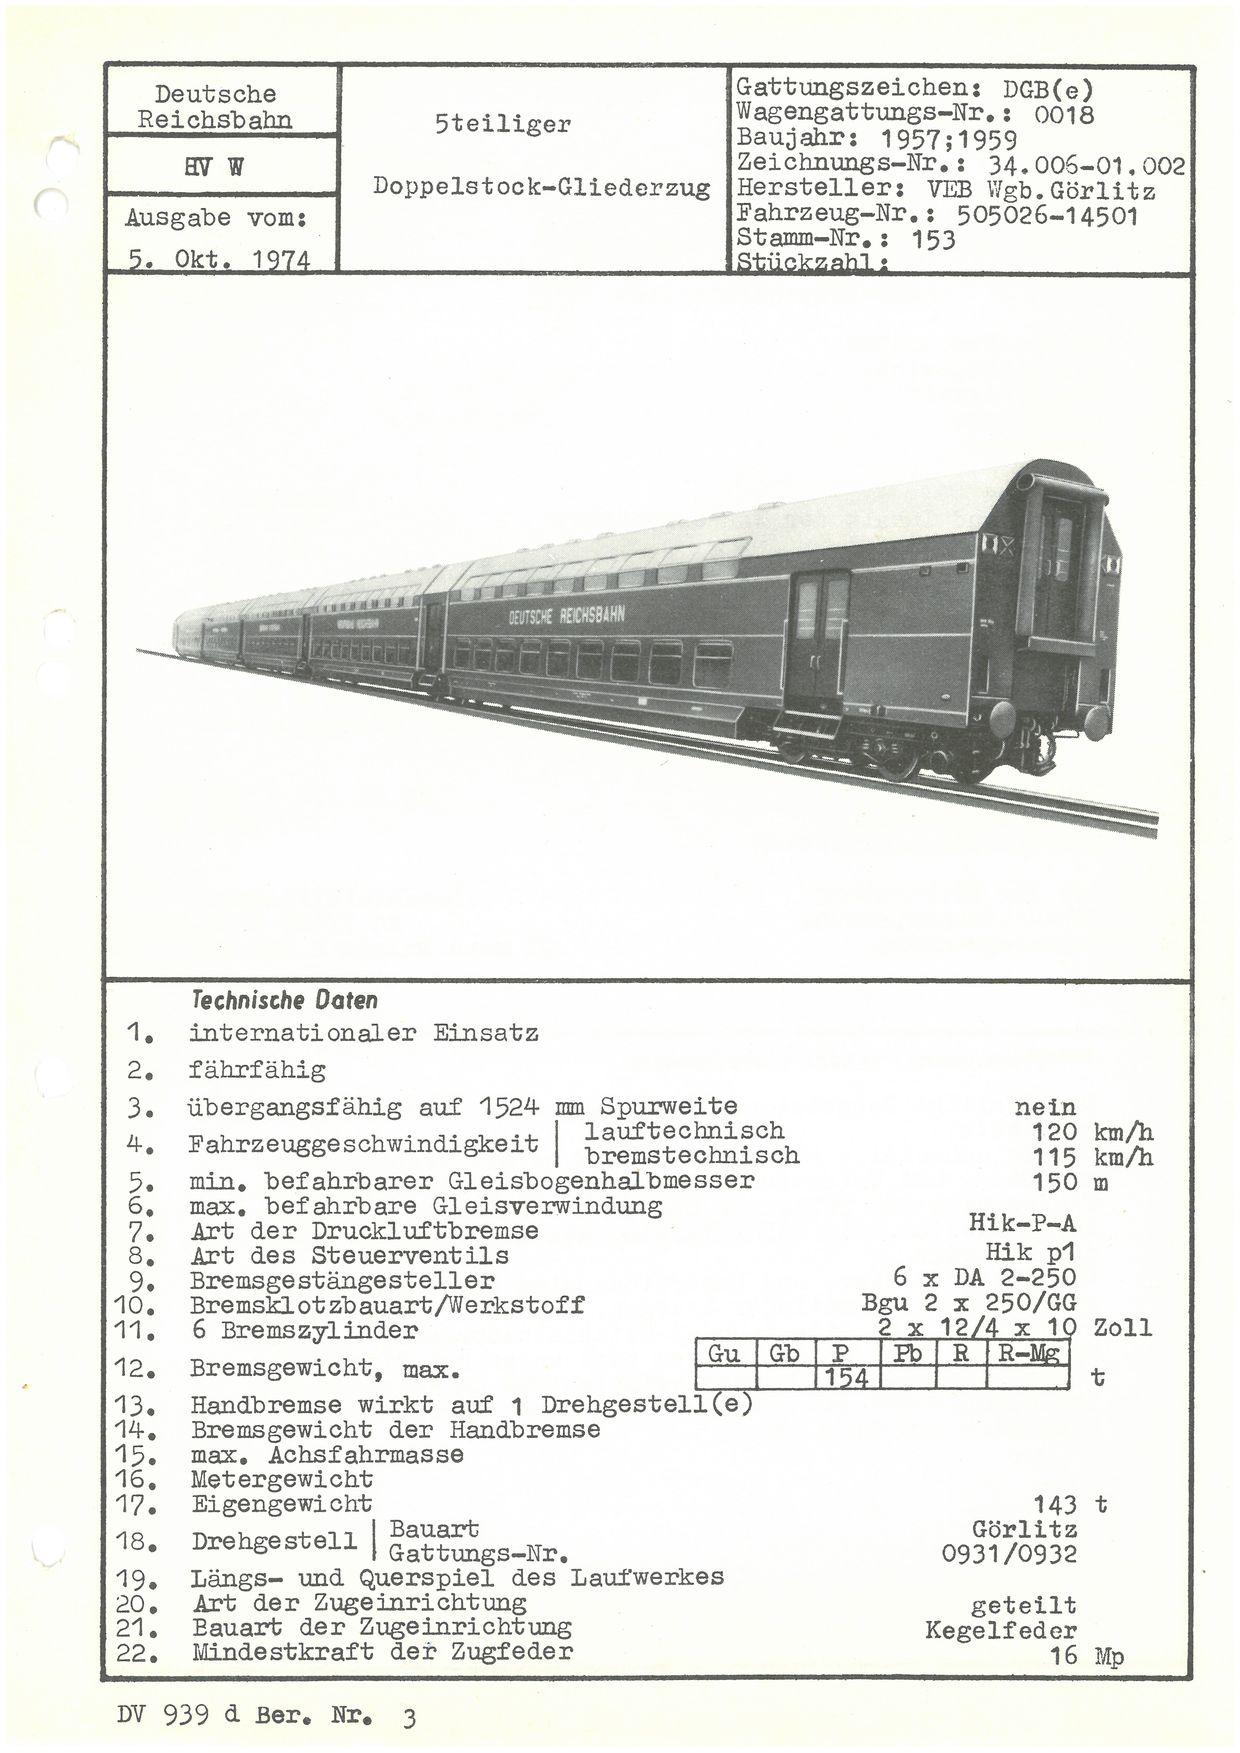 http://www.die-spreewaldbahn.de/spezial/939d/DV939dx0018xS1-ber3.jpg